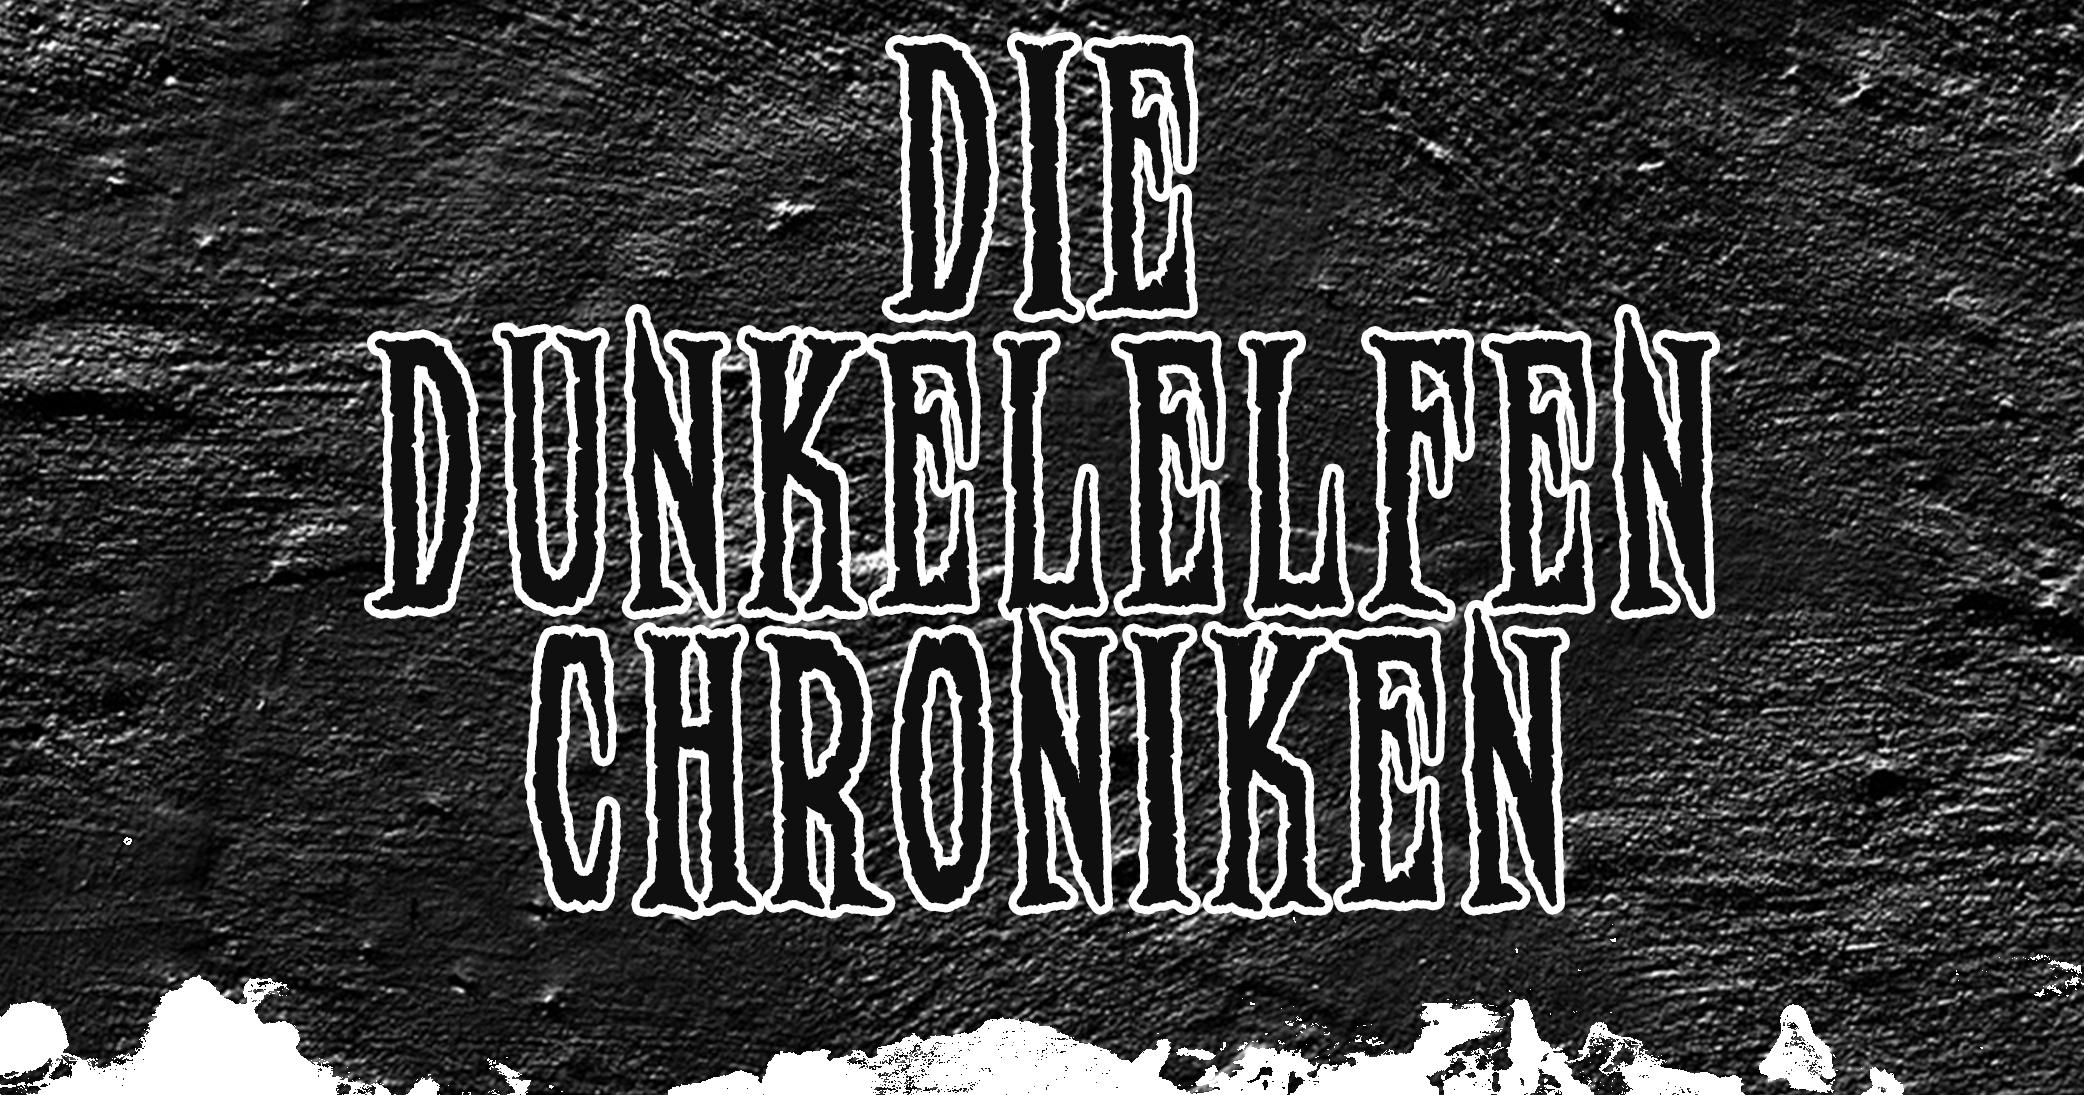 Die Dunkelelfen Chroniken Vol 2: Shadows of the Dark City